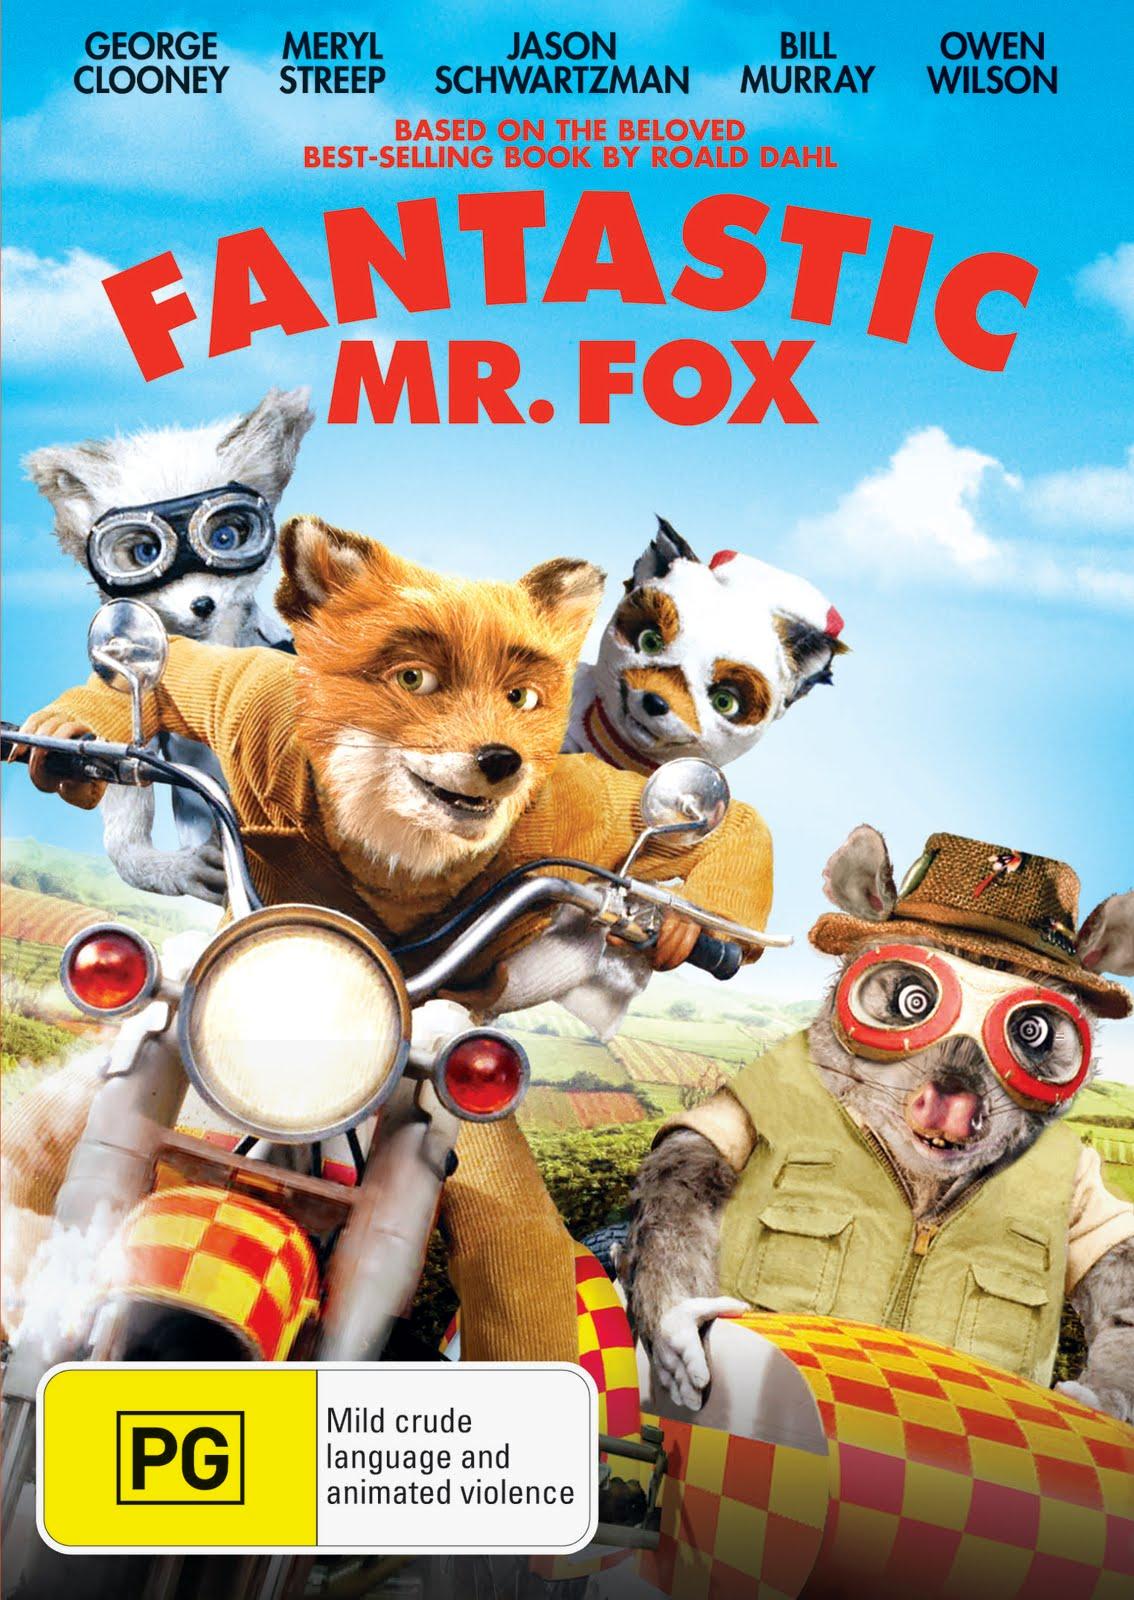 http://2.bp.blogspot.com/-Y8A7SOZegNk/TxU4SVd2y4I/AAAAAAAALkE/AAmv3hUkEew/s1600/Fantastic+Mr.+Fox+%25282009%2529.jpg